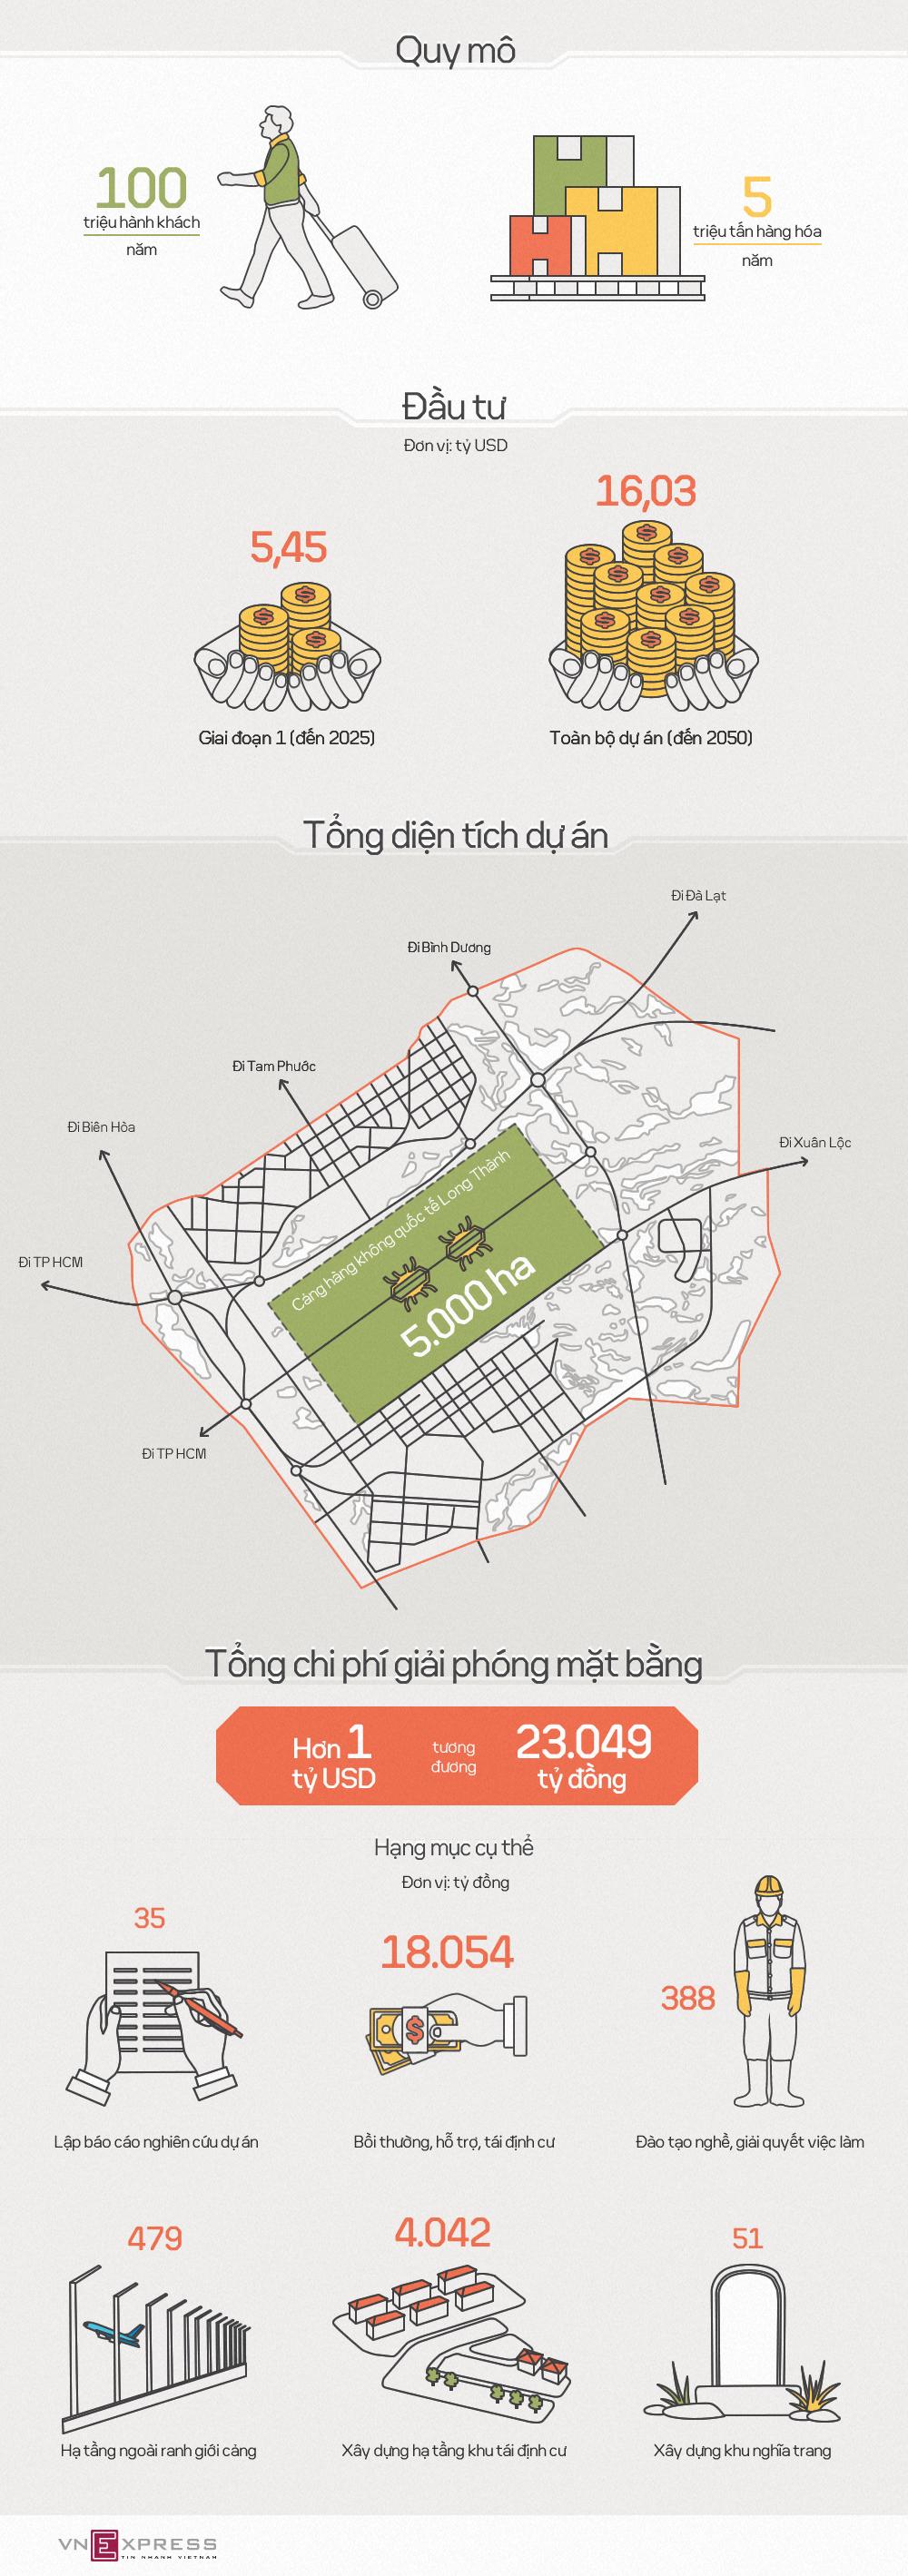 Hơn một tỷ USD giải phóng mặt bằng sân bay Long Thành